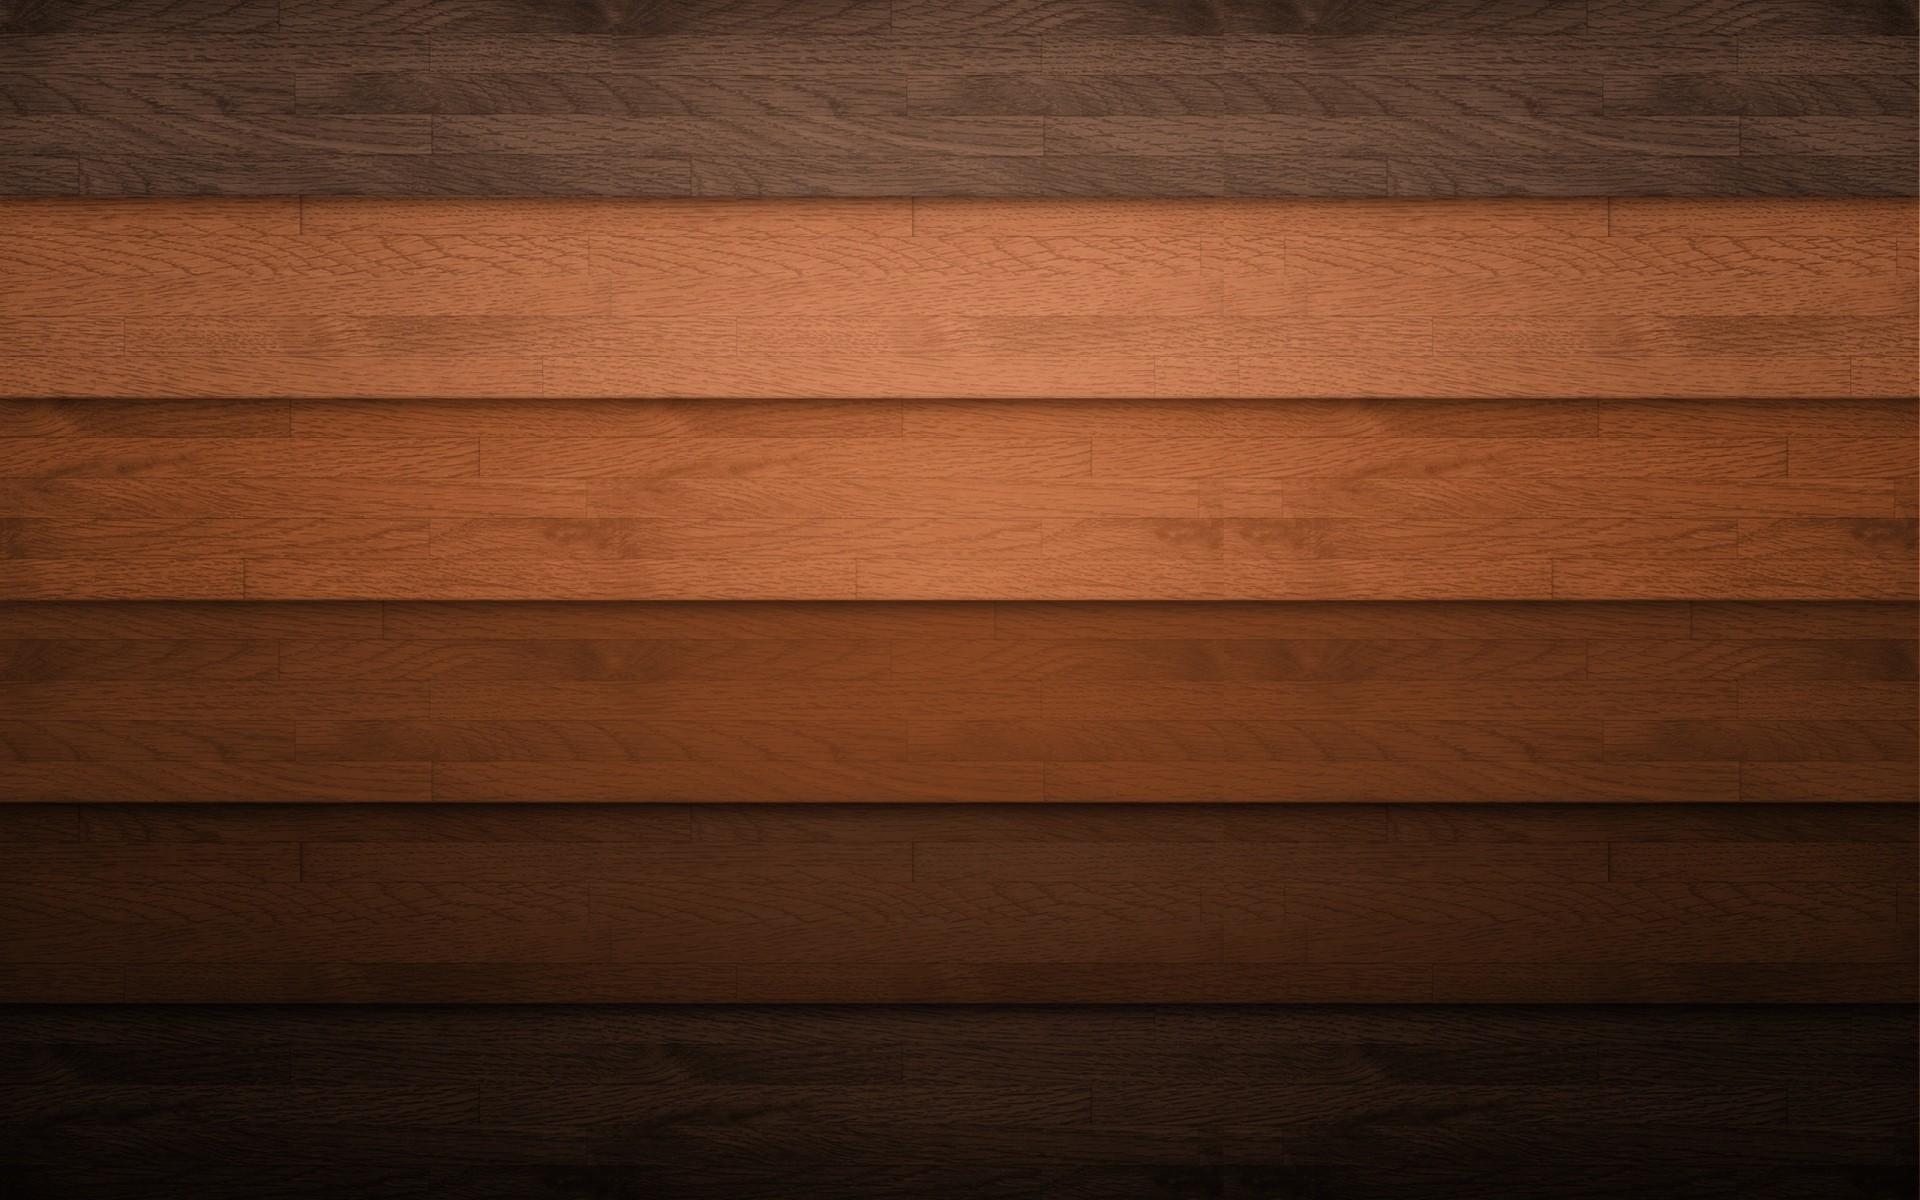 tabelle holz muster stock hartholz mbel sperrholz bodenbelag holzboden holzbeize laminatboden - Hartholz Oder Laminatboden